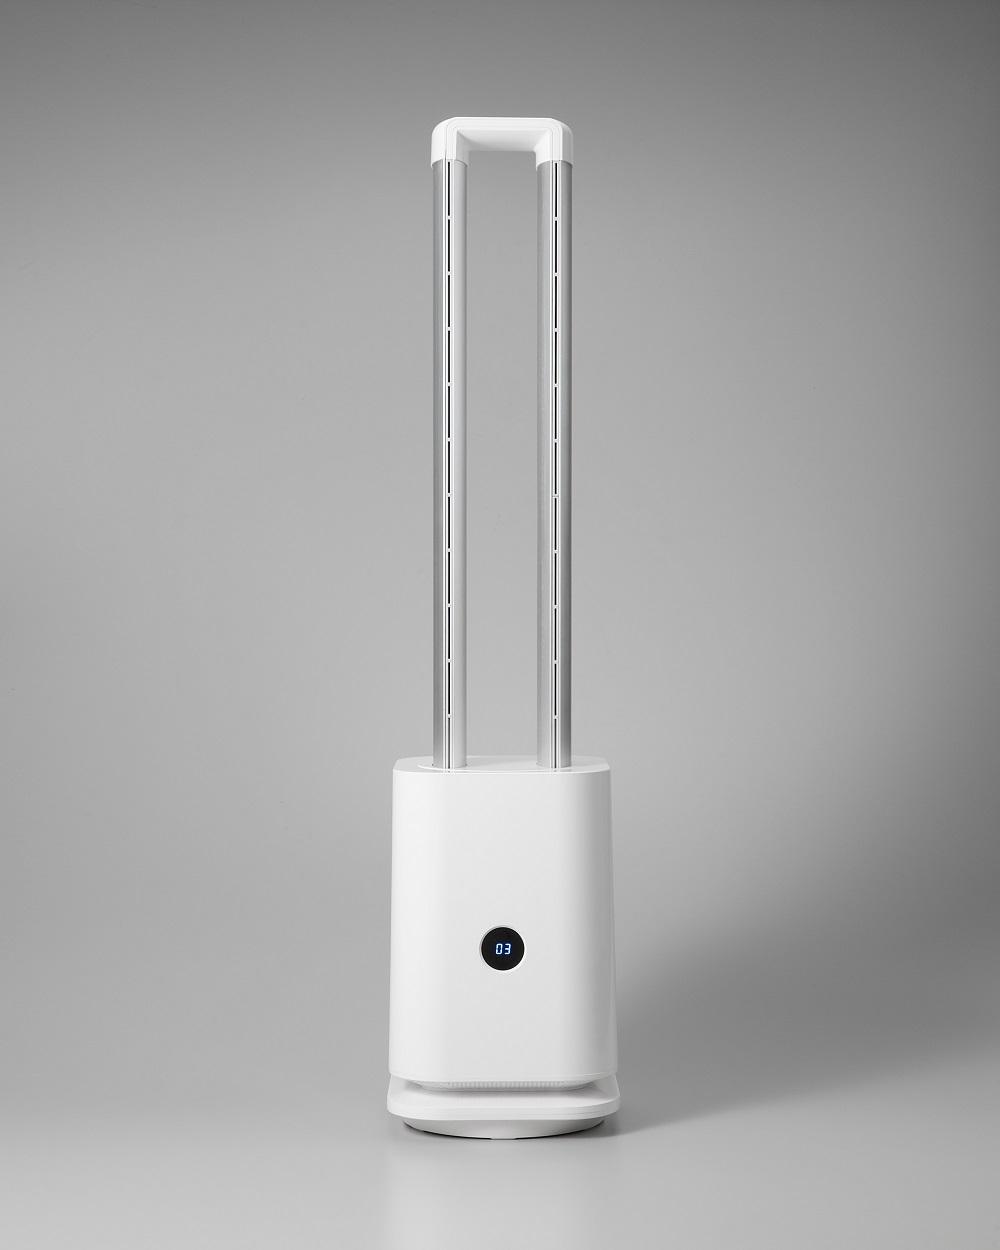 空気清浄機能付 羽なし扇風機 ツインエアーファン 2色 クレスター